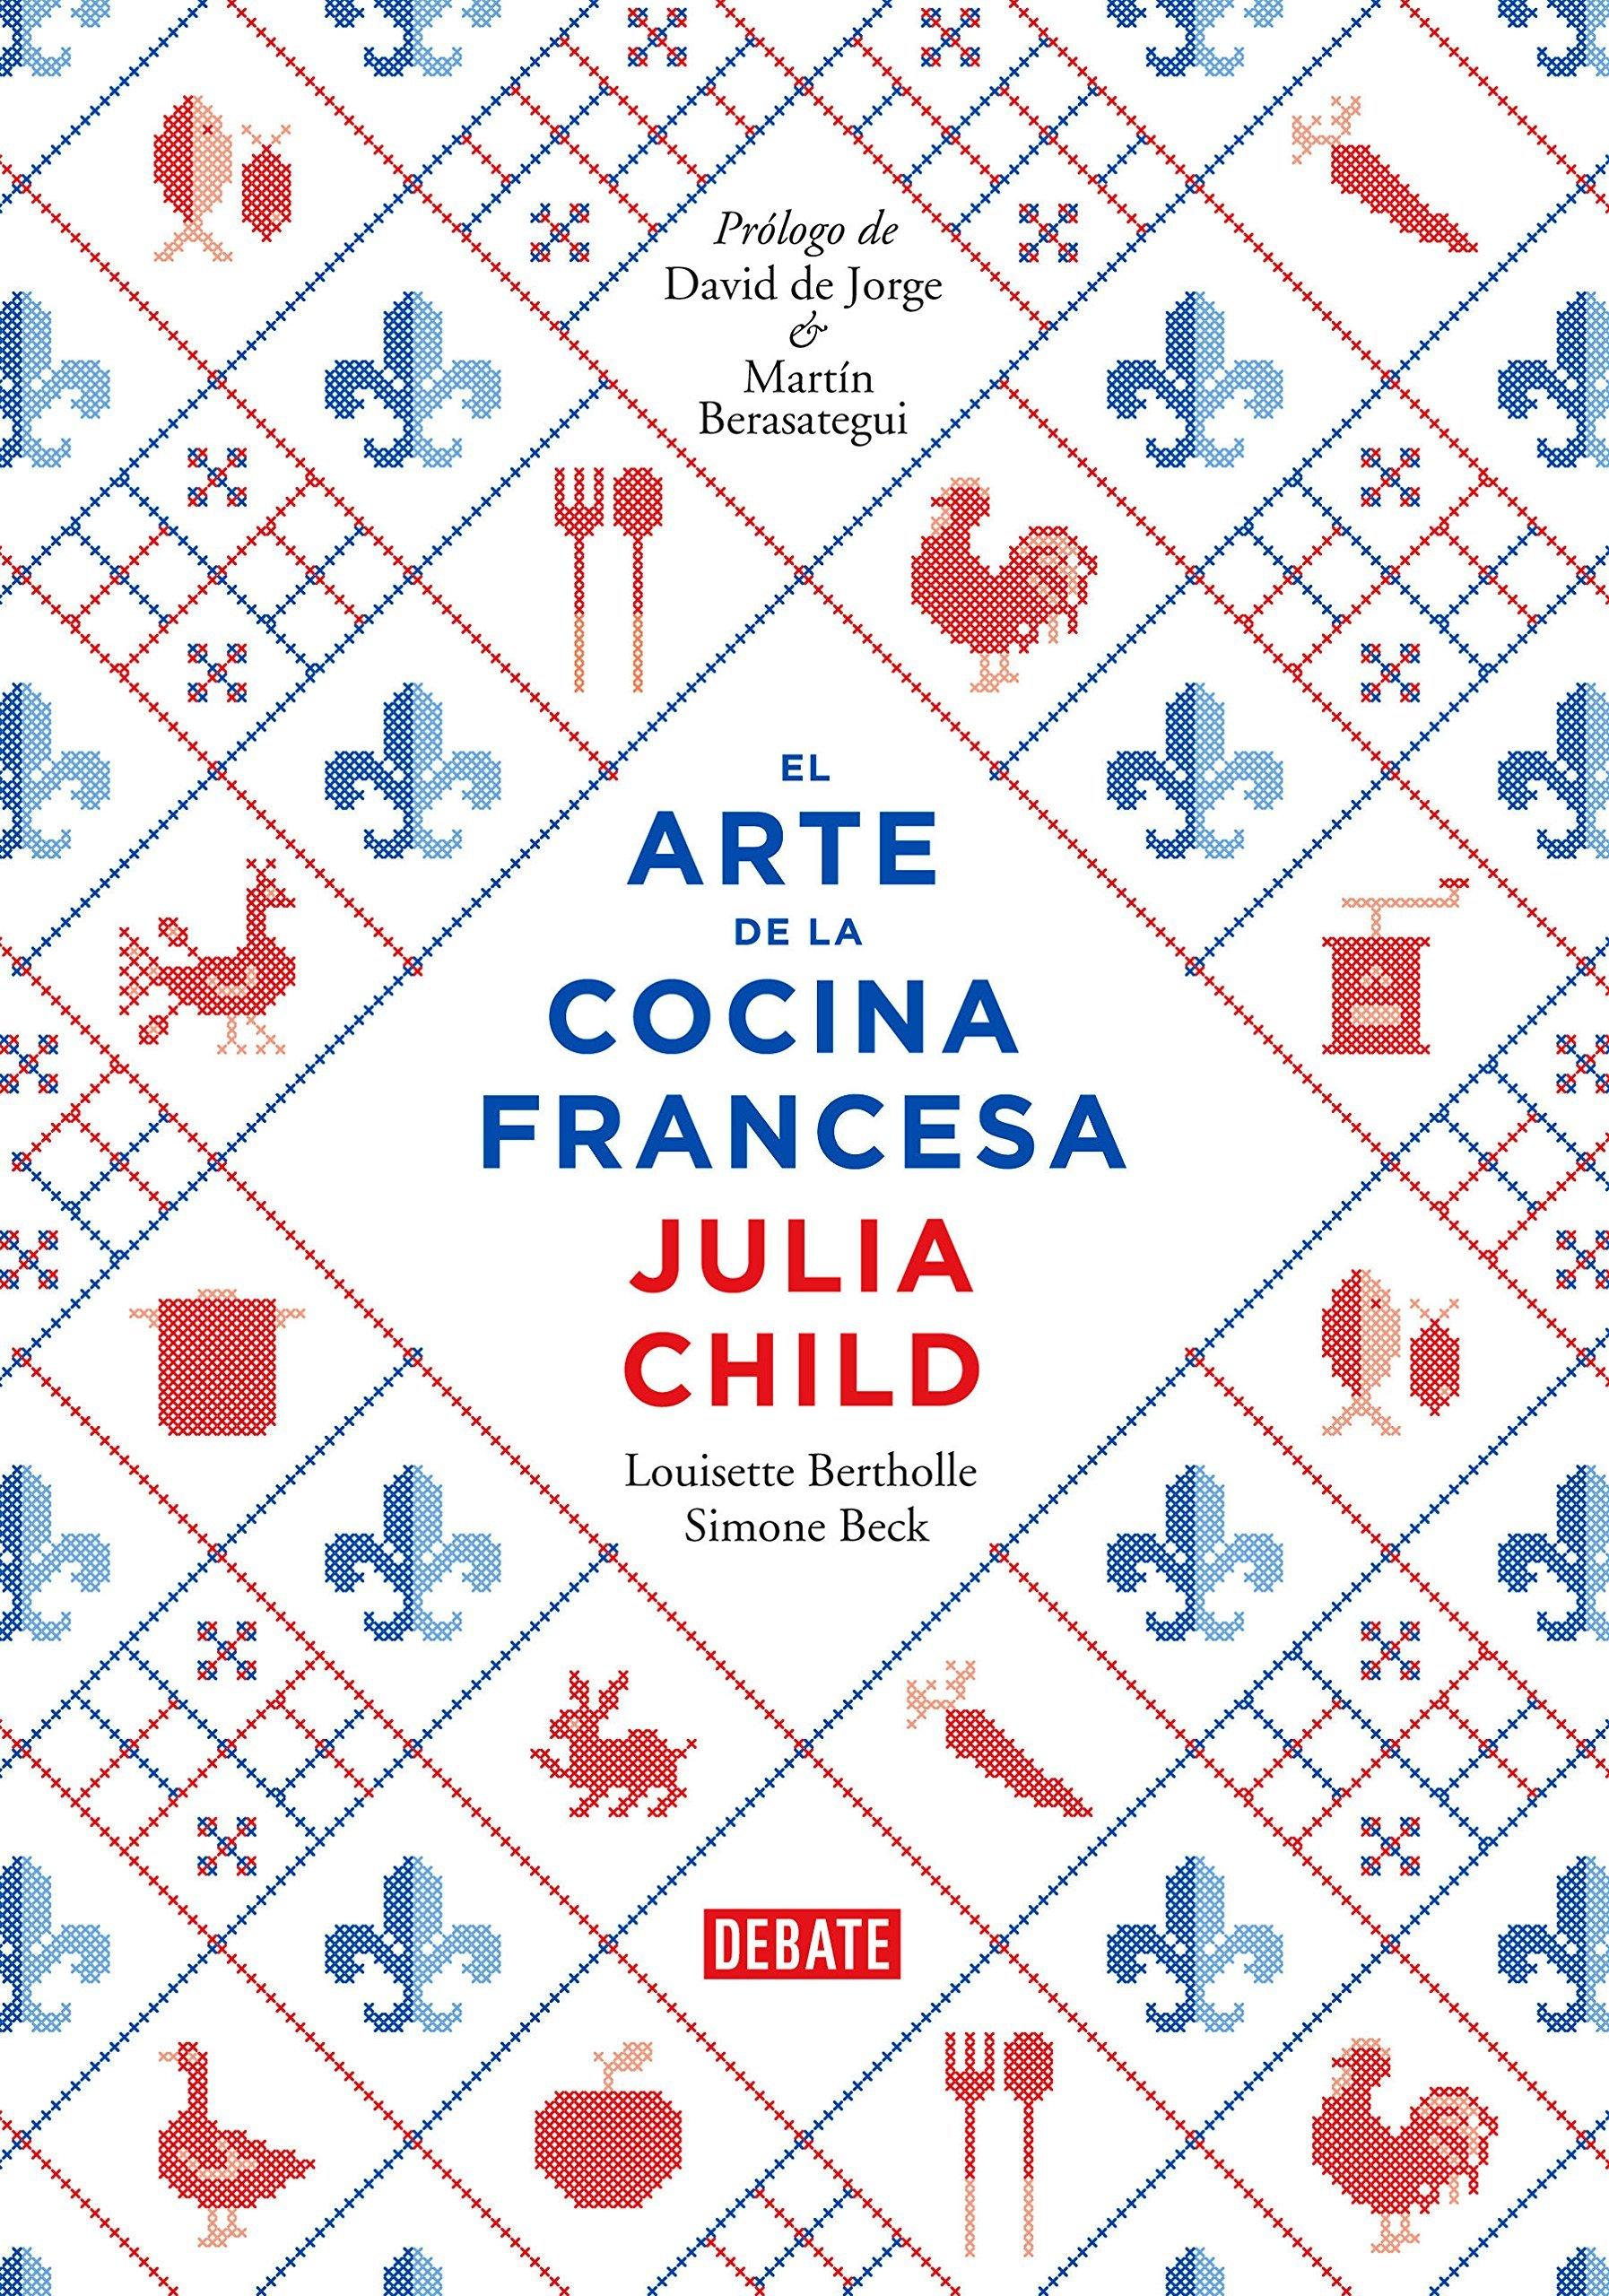 El arte de la cocina francesa (Julia Child).